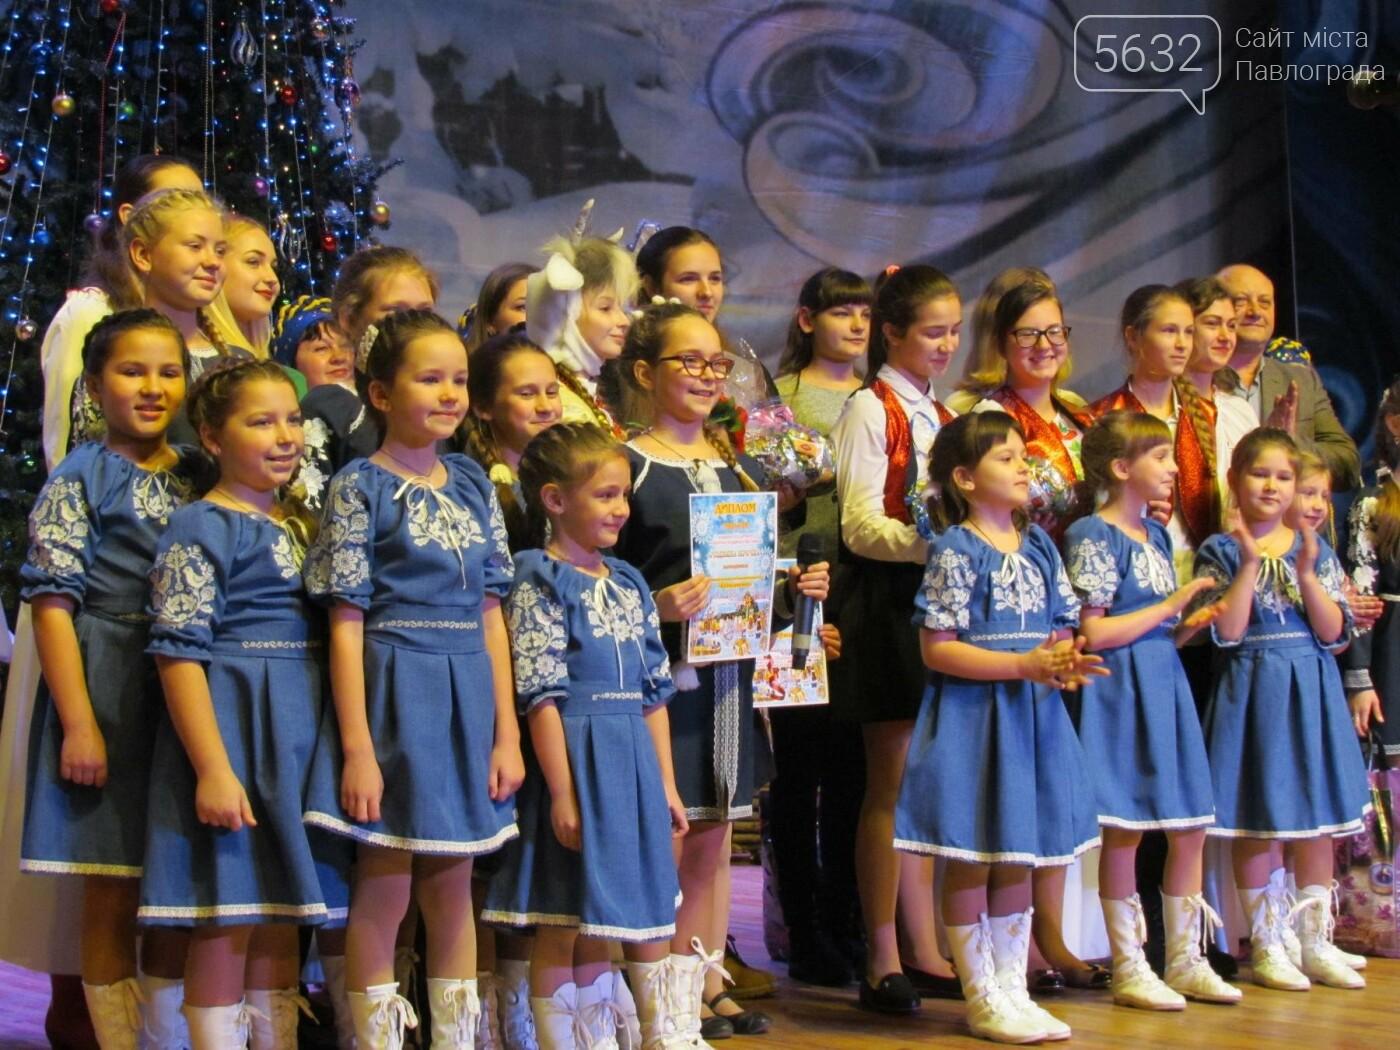 У Павлограді відбувся гала-концерт фестивалю «Різдвяна зірочка», фото-4